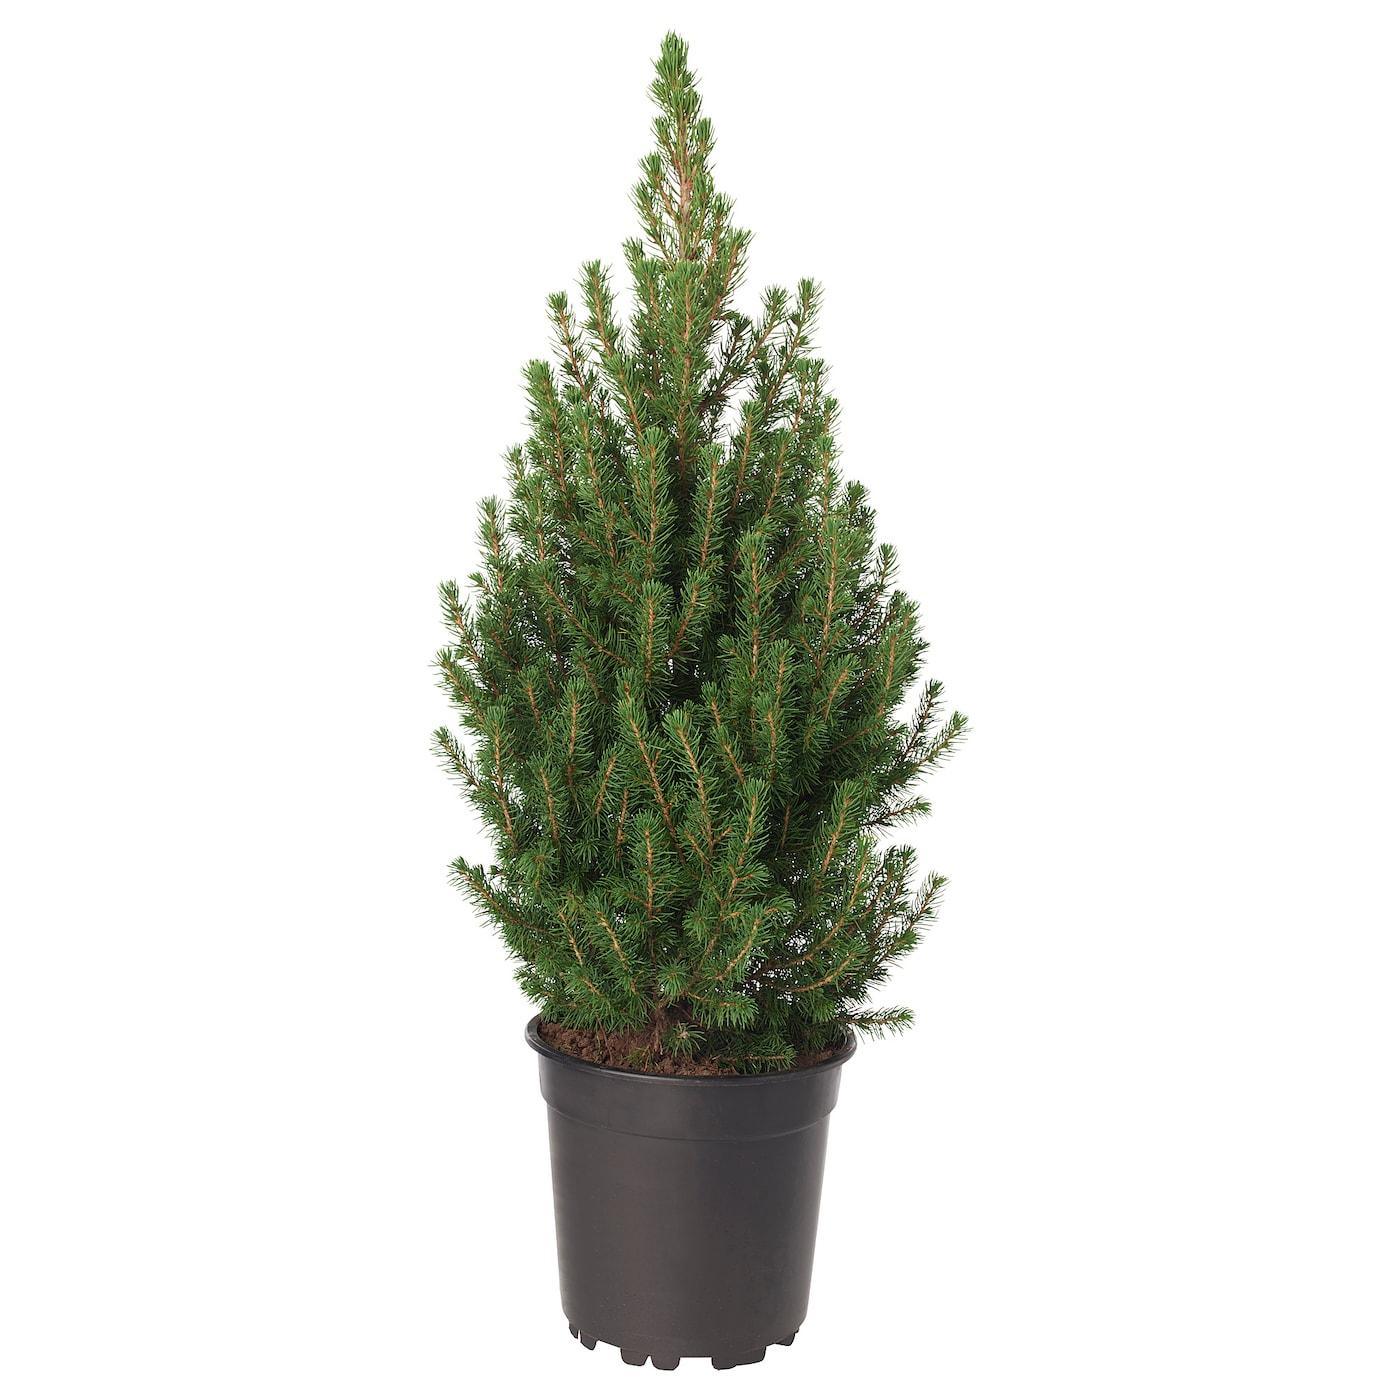 PICEA GLAUCA CONICA Potted plant White spruce 19 cm - IKEA